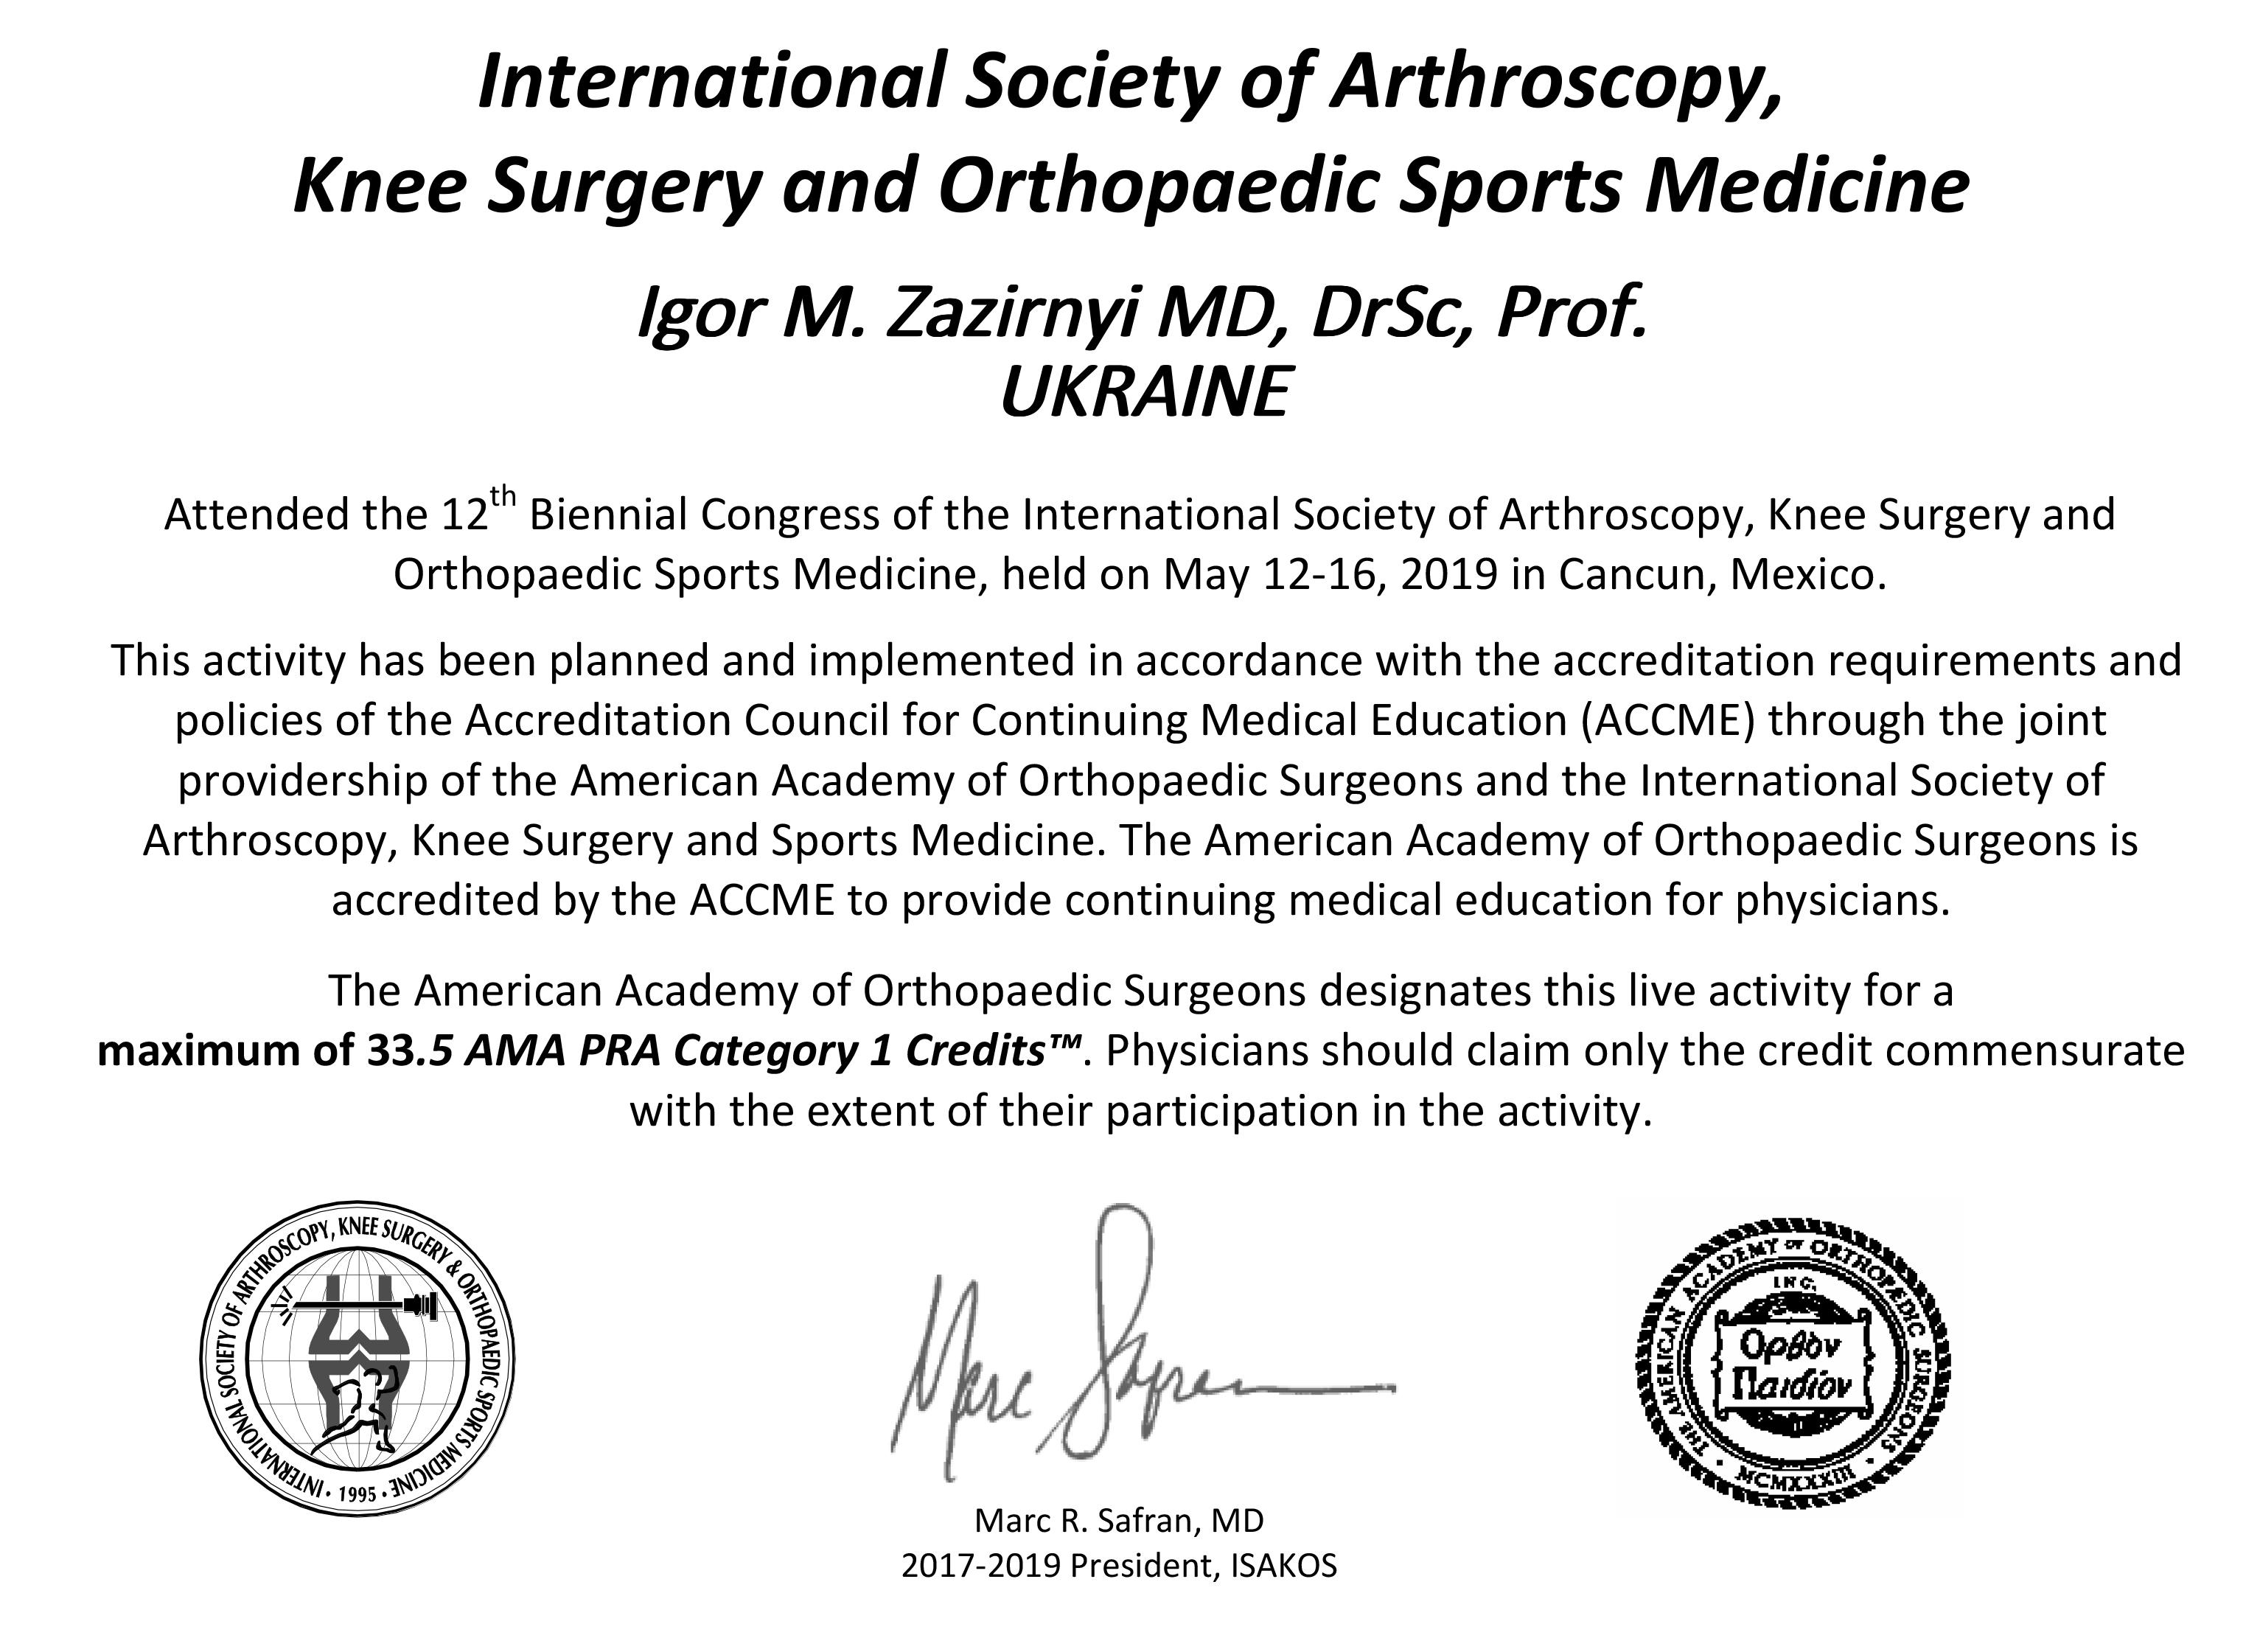 Диплом участника всемирного конгресса по хирургии коленного сустава в Канкуне, Мексика, май 2019